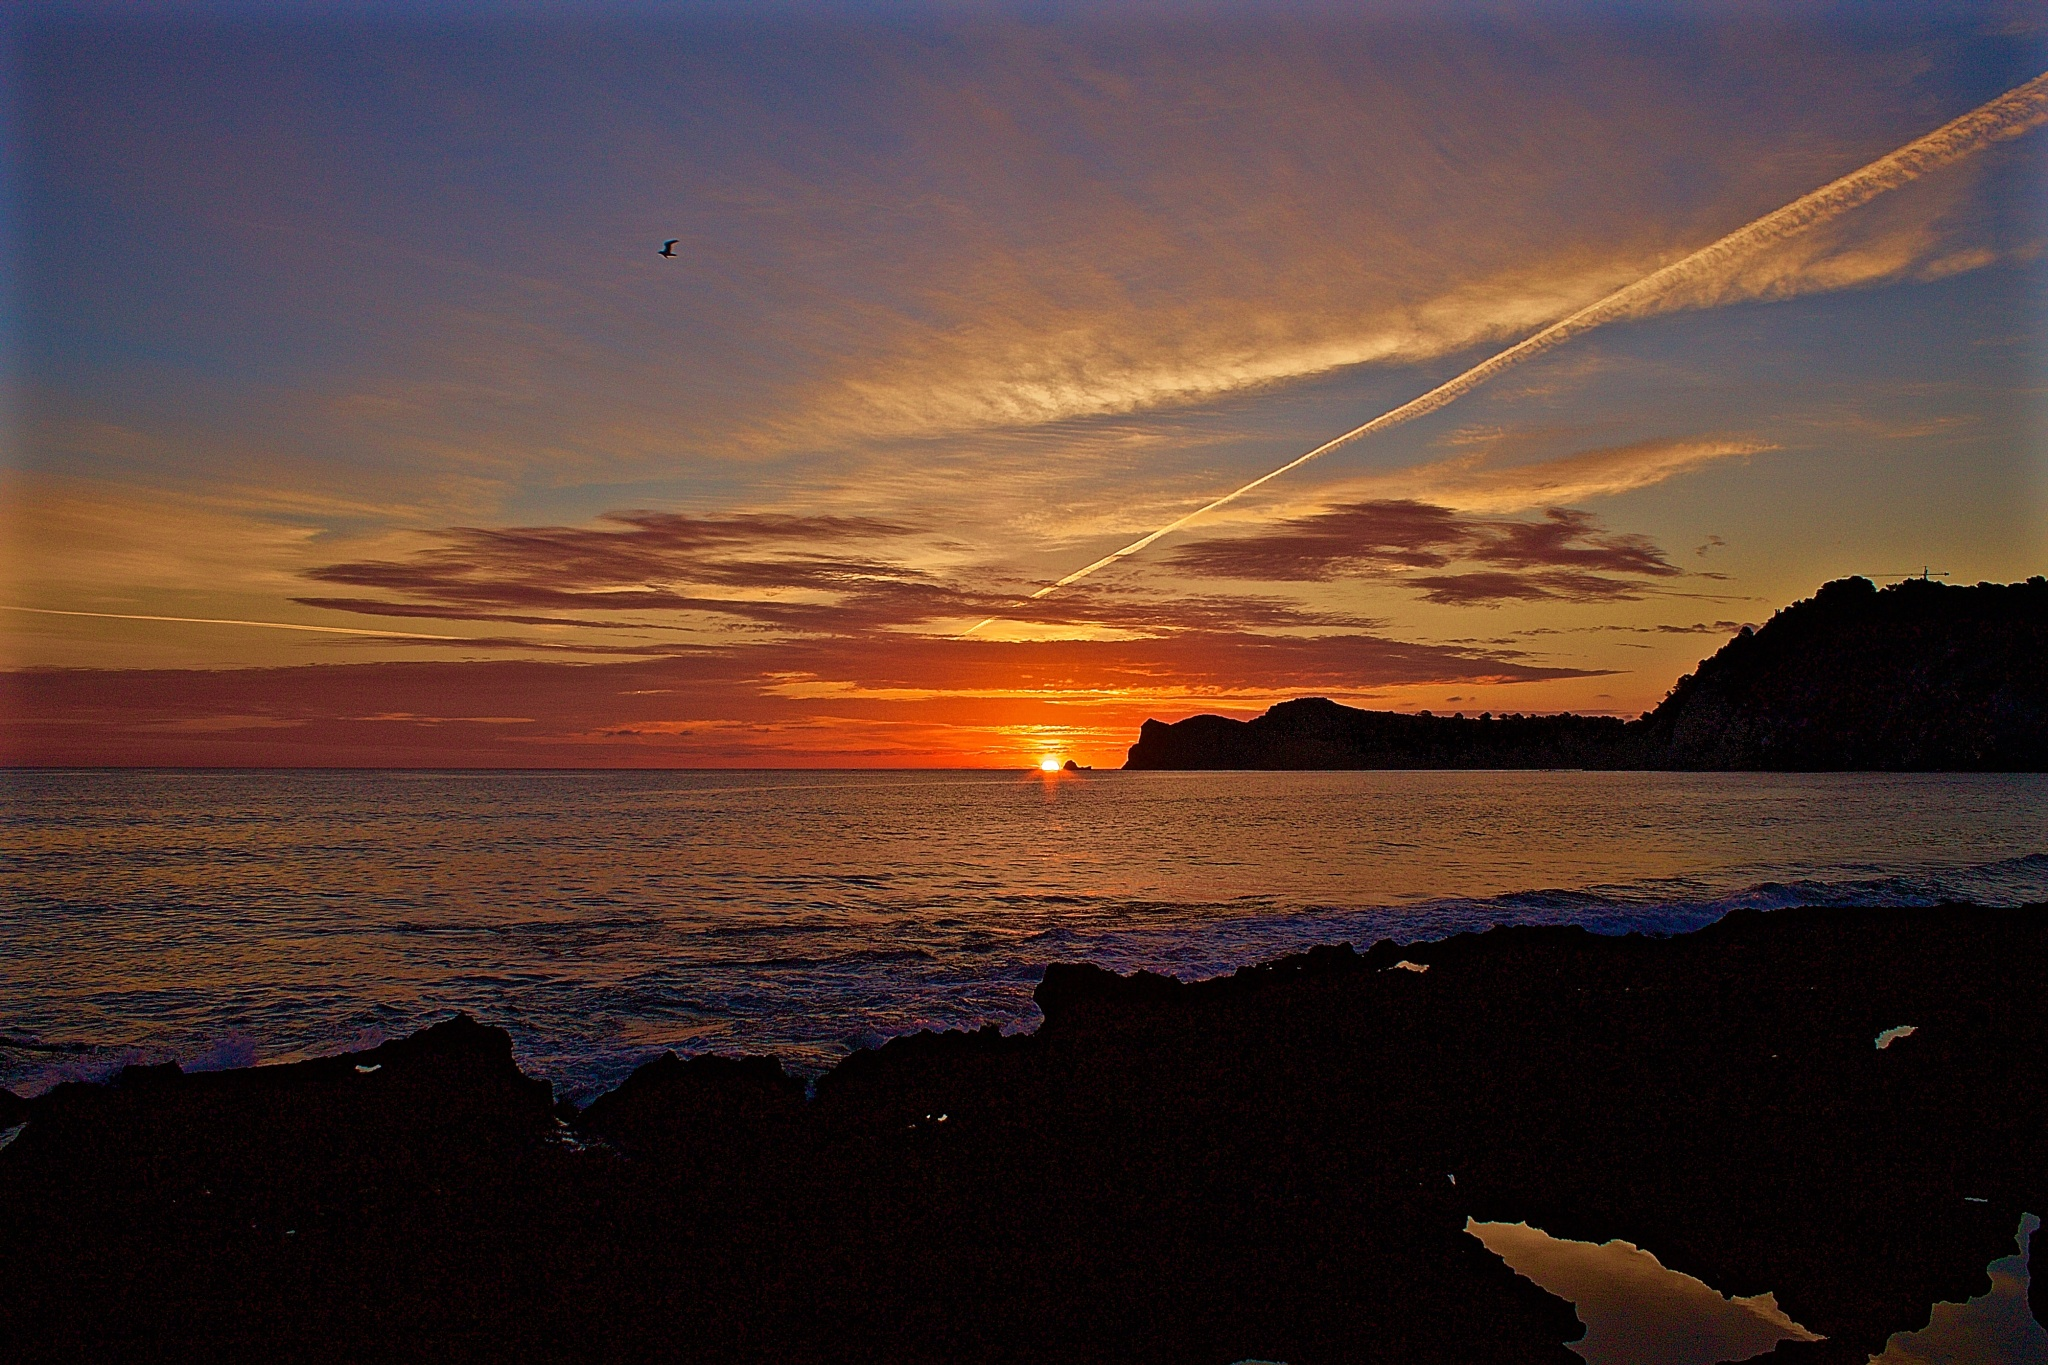 Sunrise in Jávea, Spain. by twogeckos